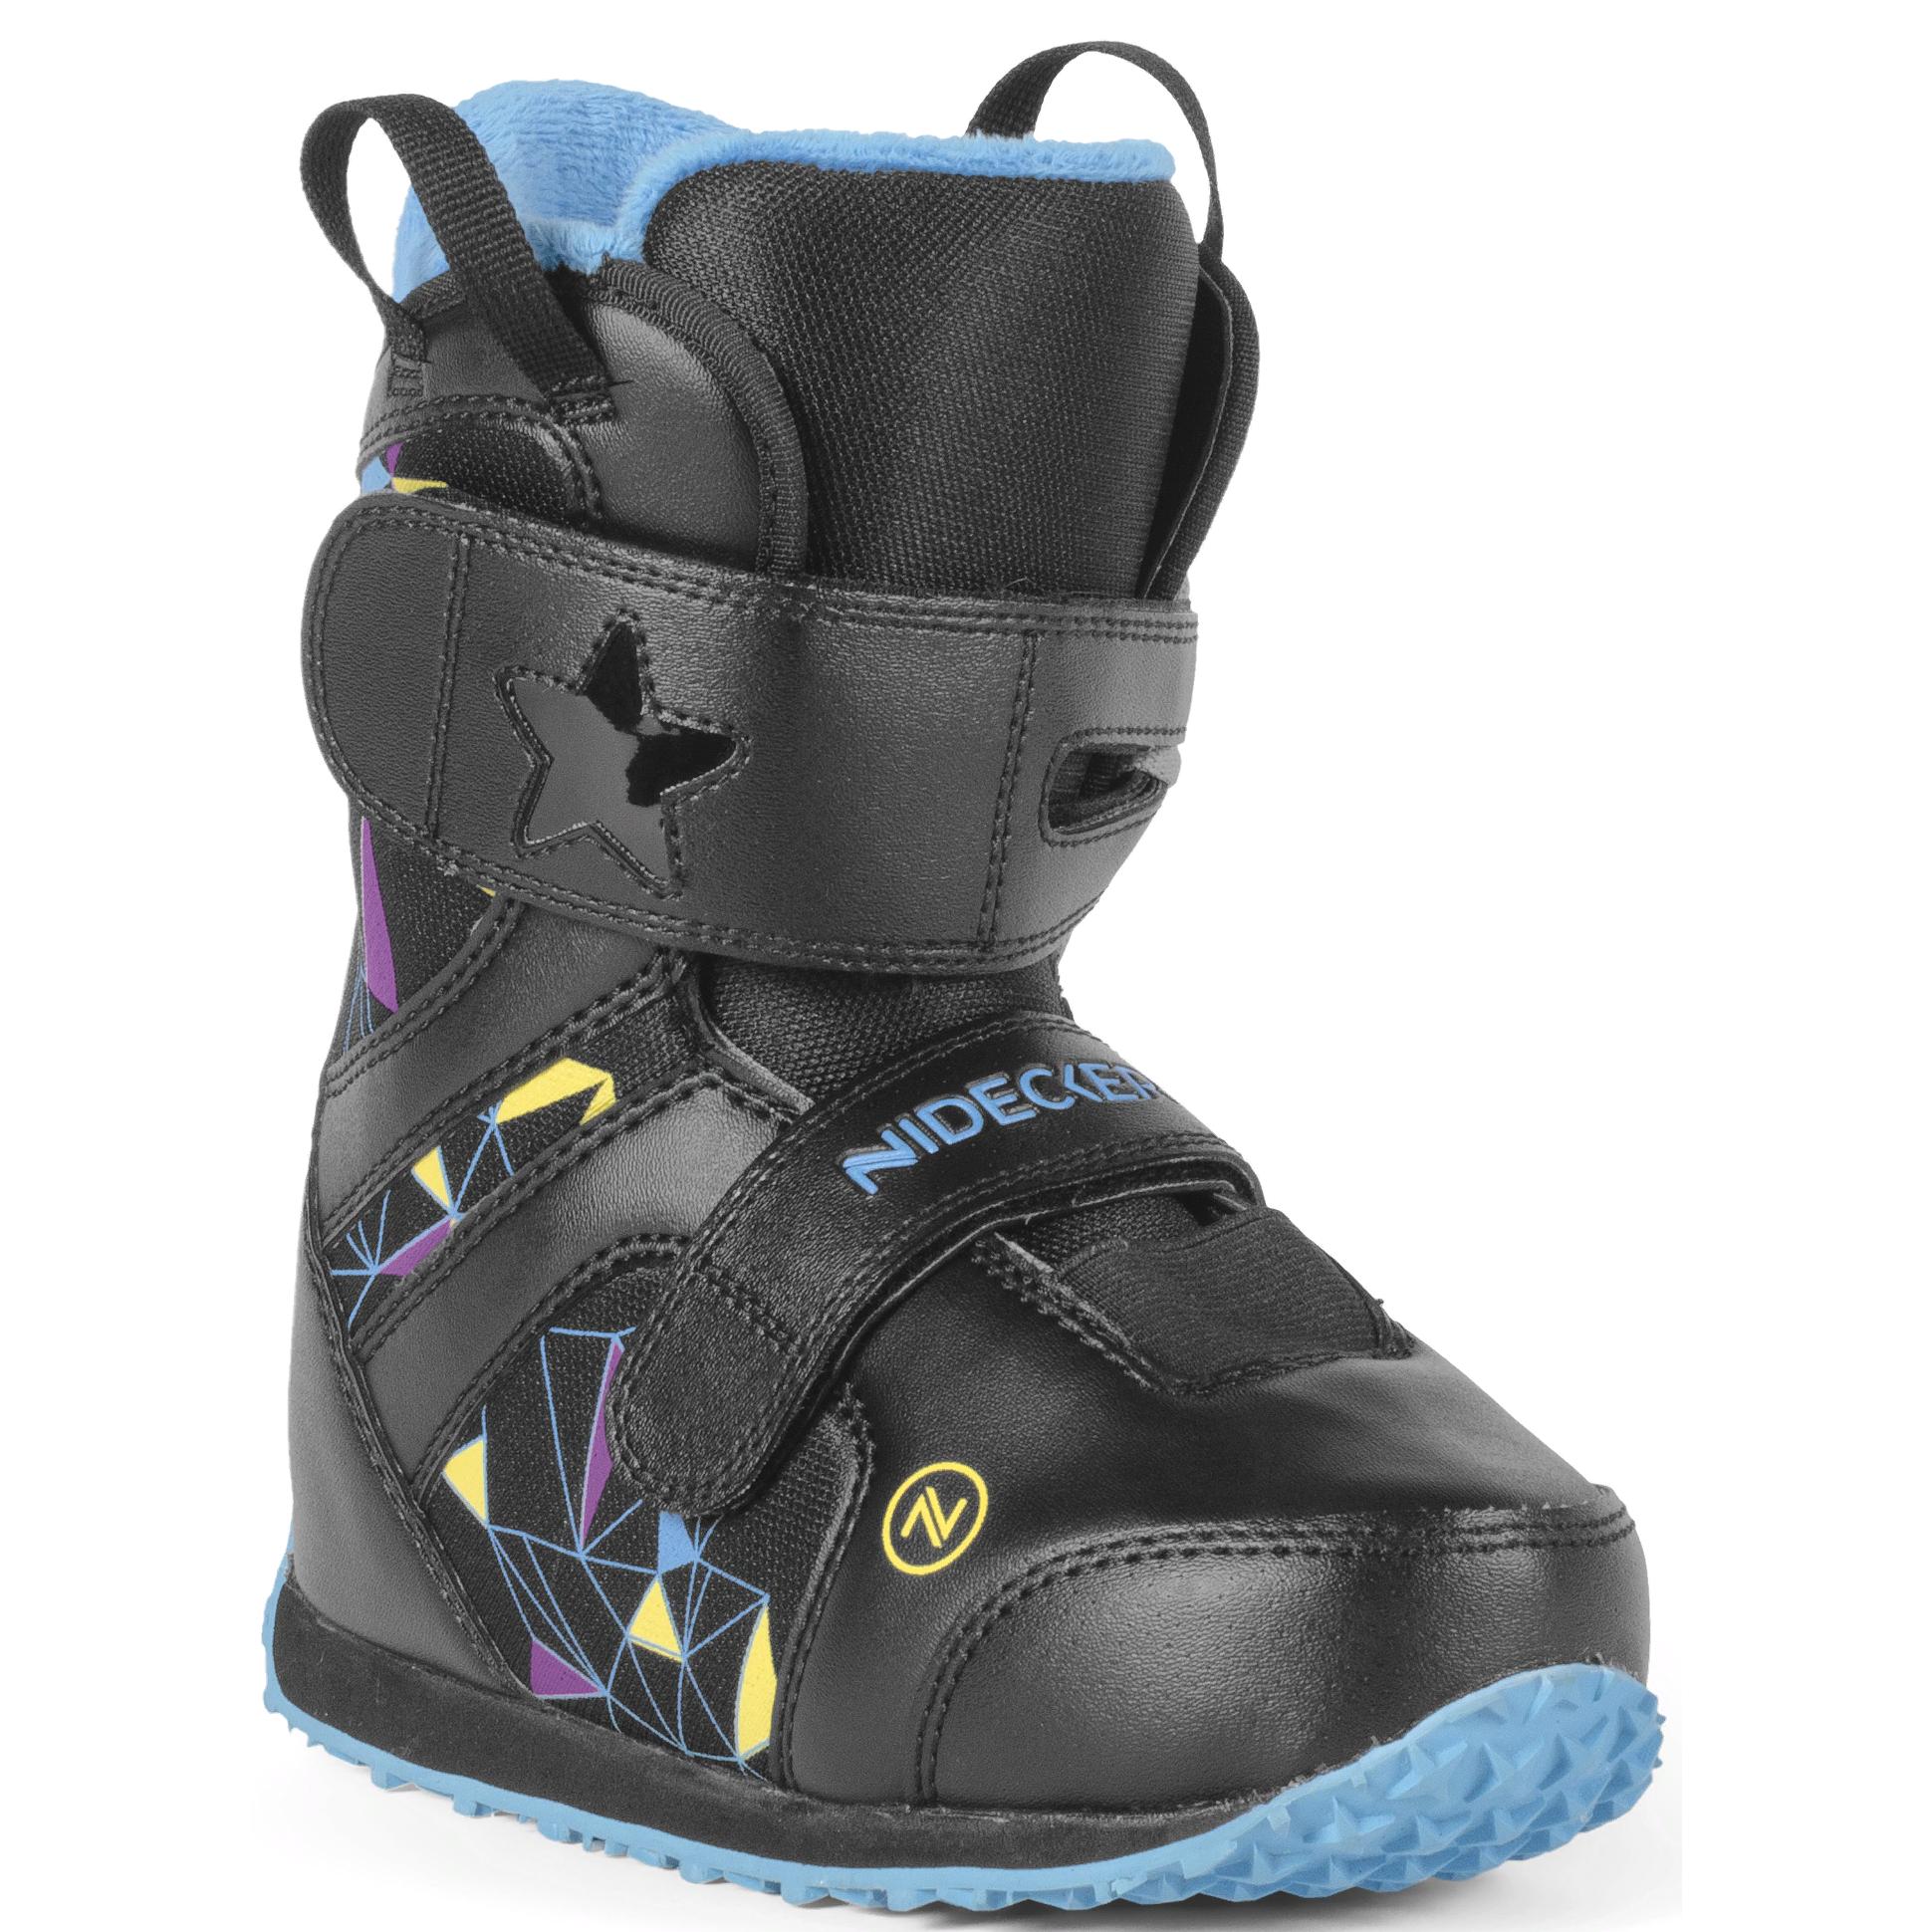 Ботинки для сноуборда NIDECKER 2017-18 MINI PLAYER BLACK - купить ... f5ca763f58b